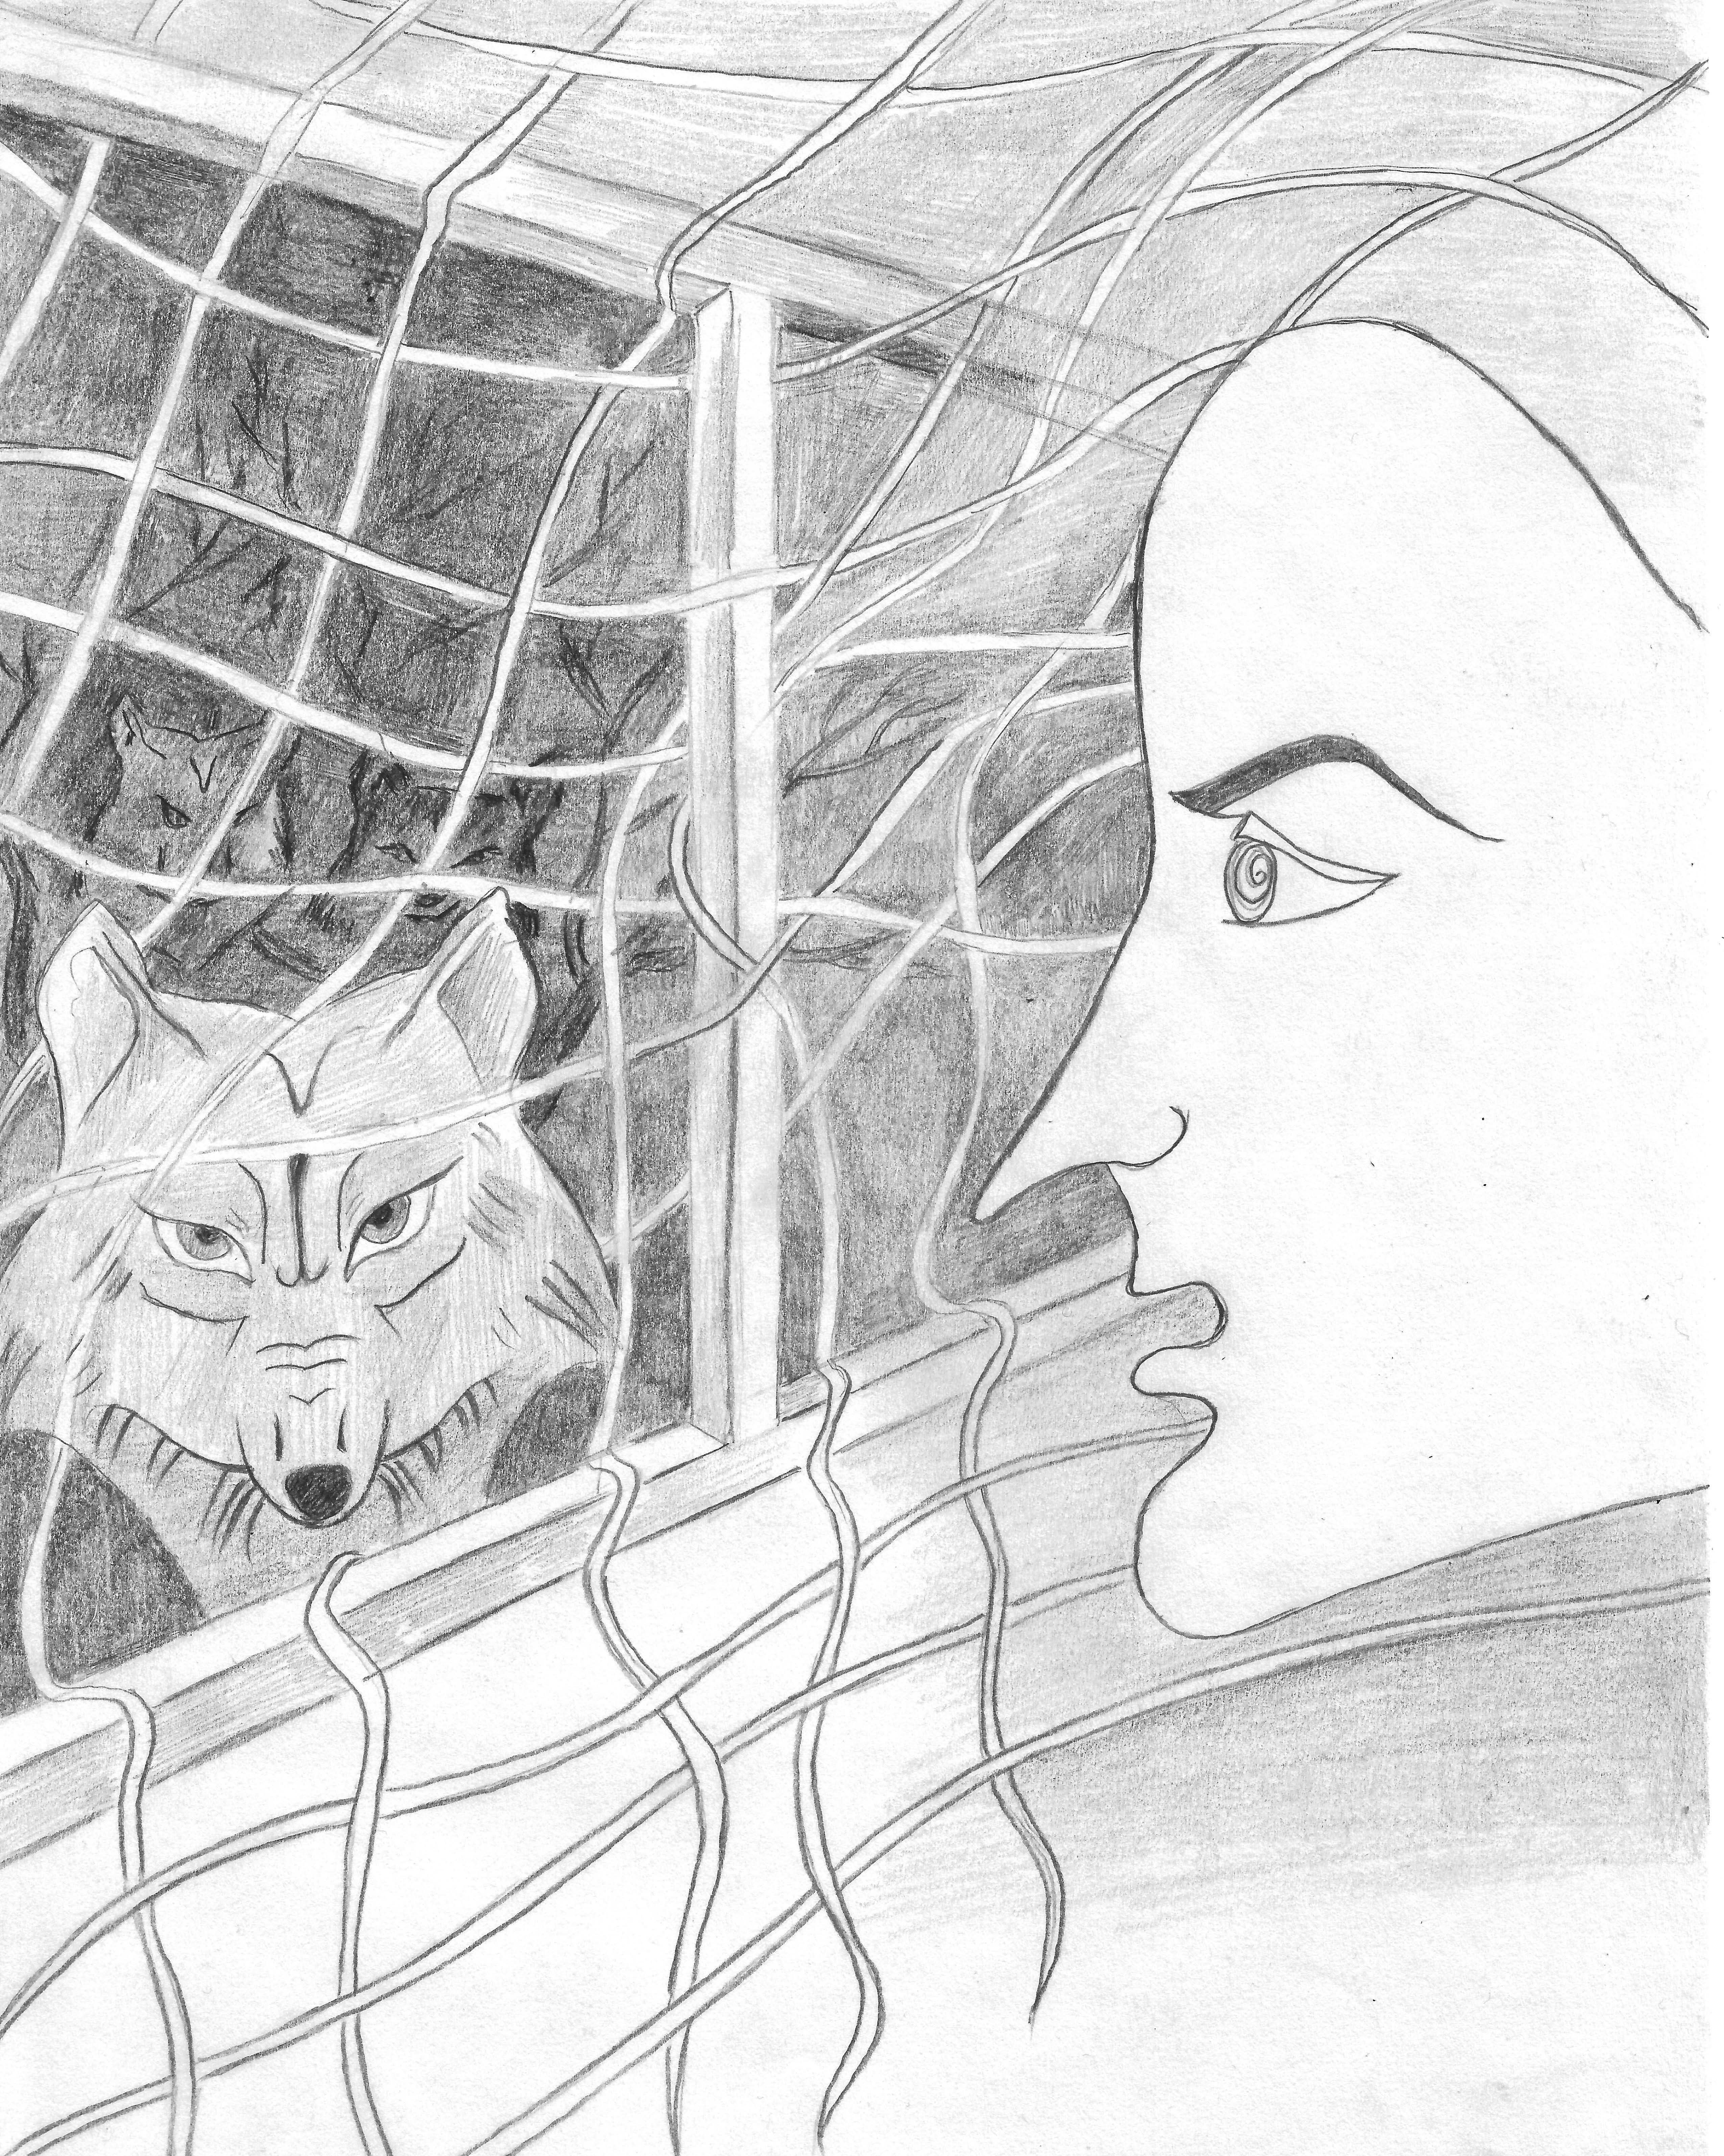 Dibujo realizado por Elodia Elisabeth Granados para la ilustración de este artículo